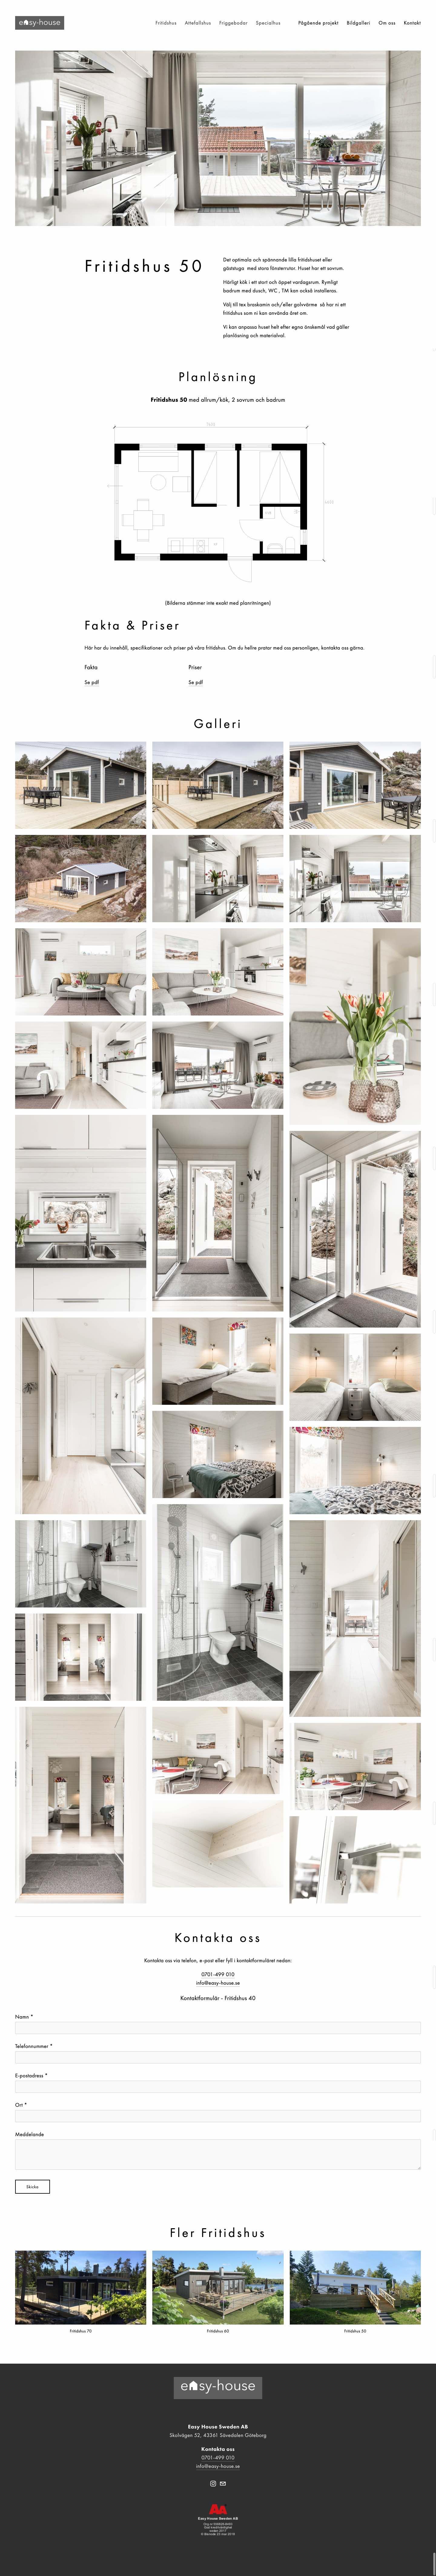 framtidens-webbyrå-blogg-fotografering-för-easy-house-fritidshus-1.jpg